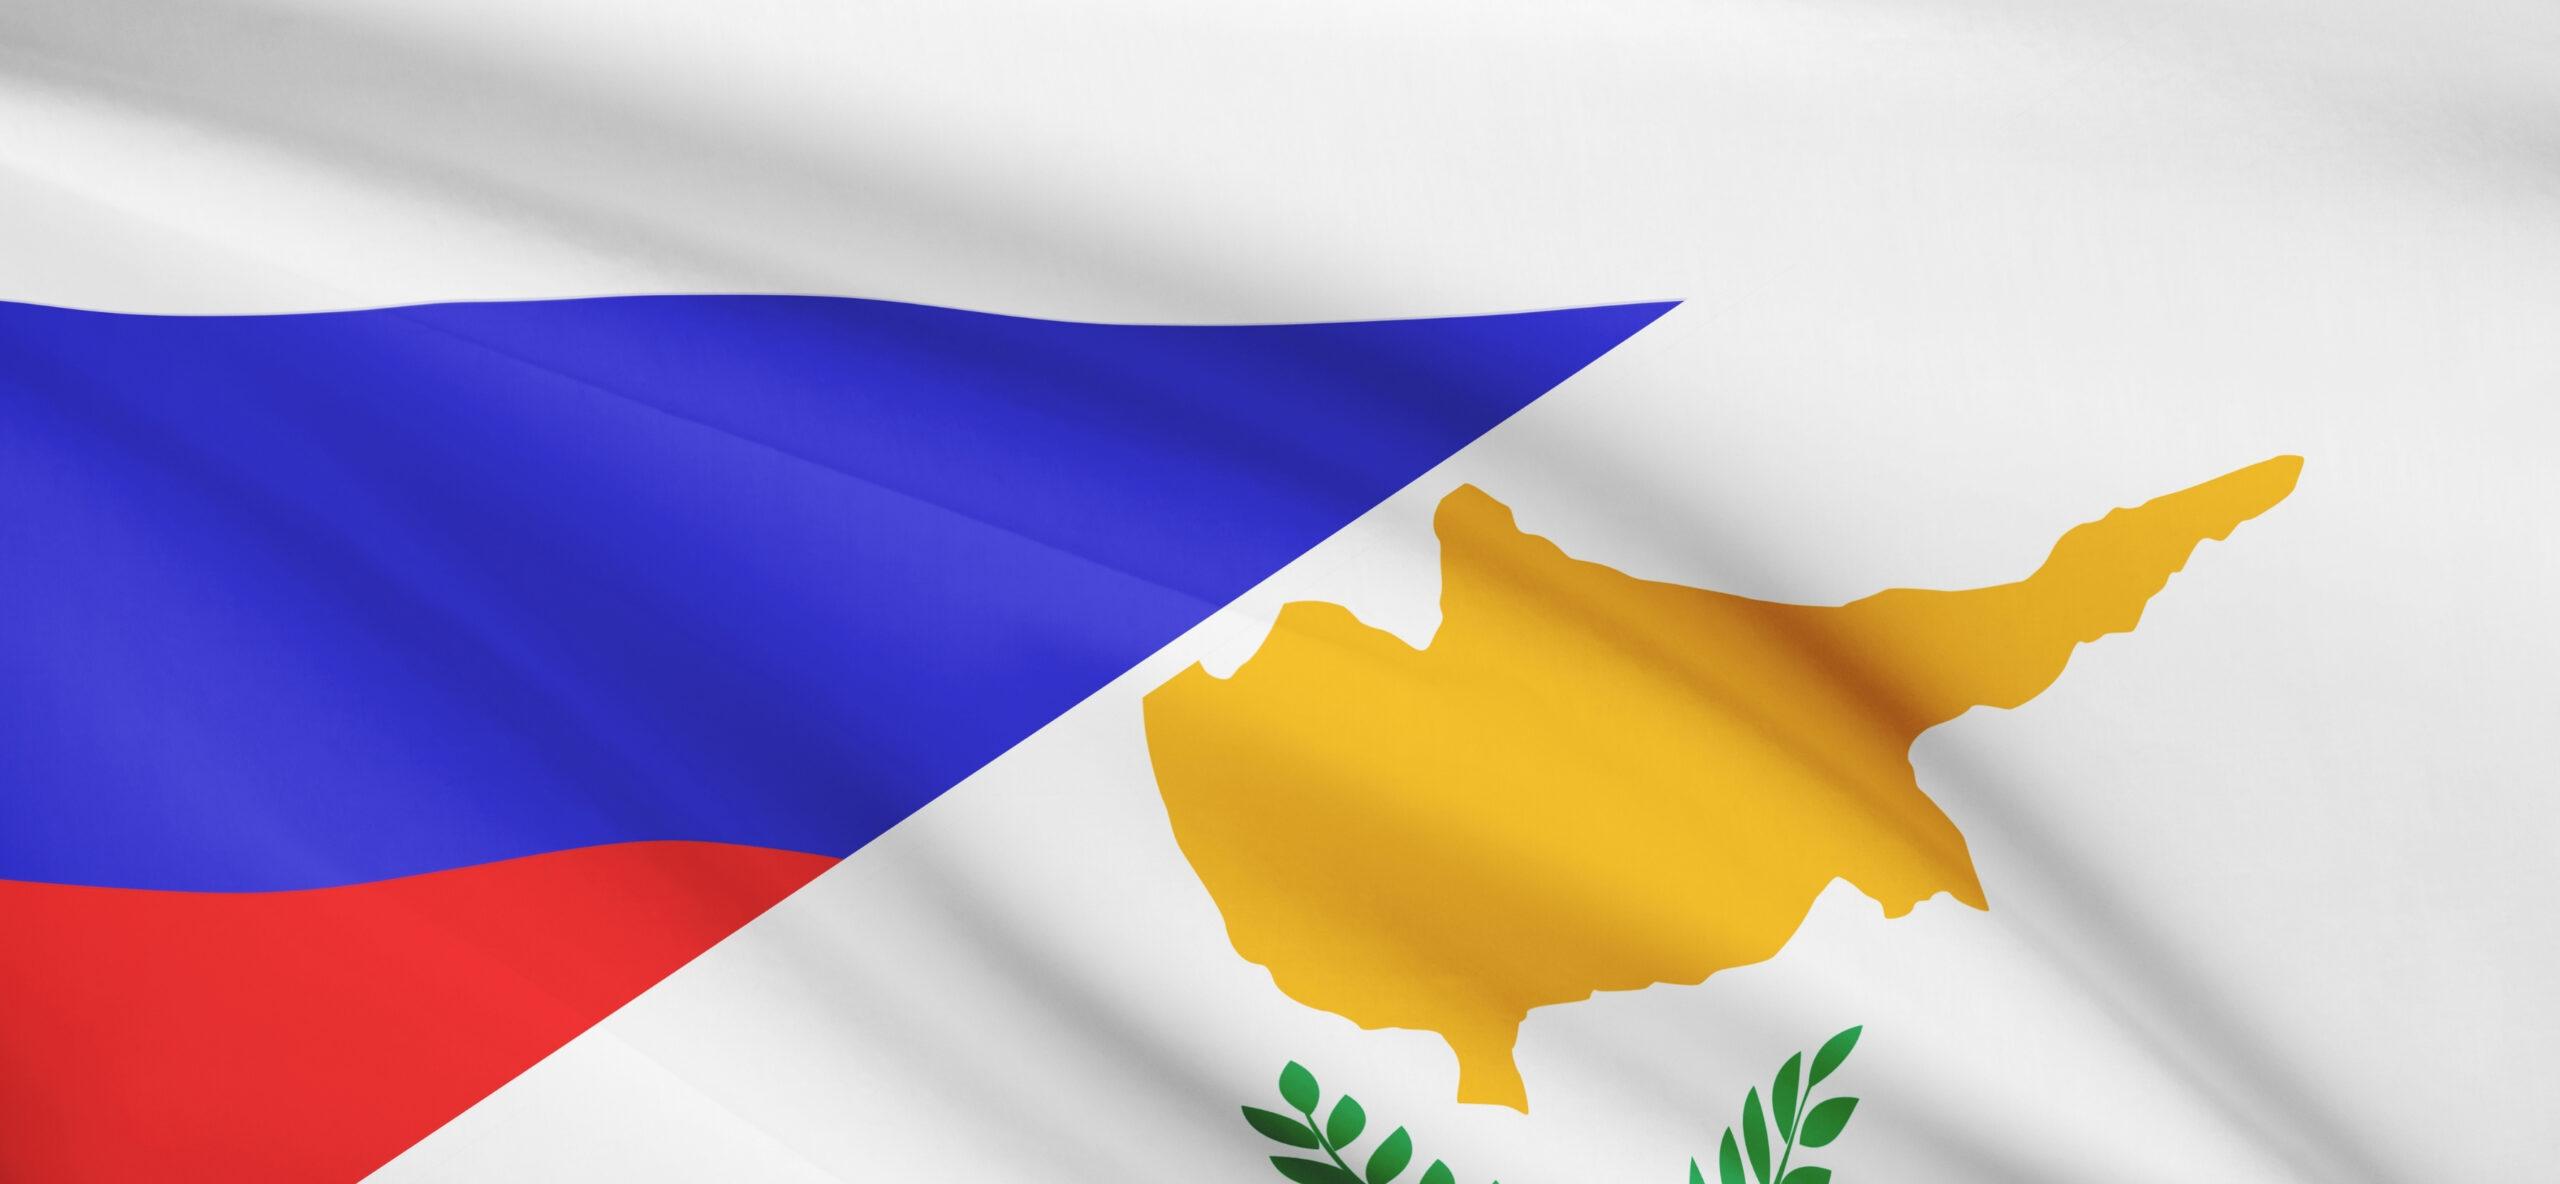 Новое соглашение о двойном налогообложении: какие изменения ждут рынок недвижимости Кипра - недвижимость Кипра фото 1